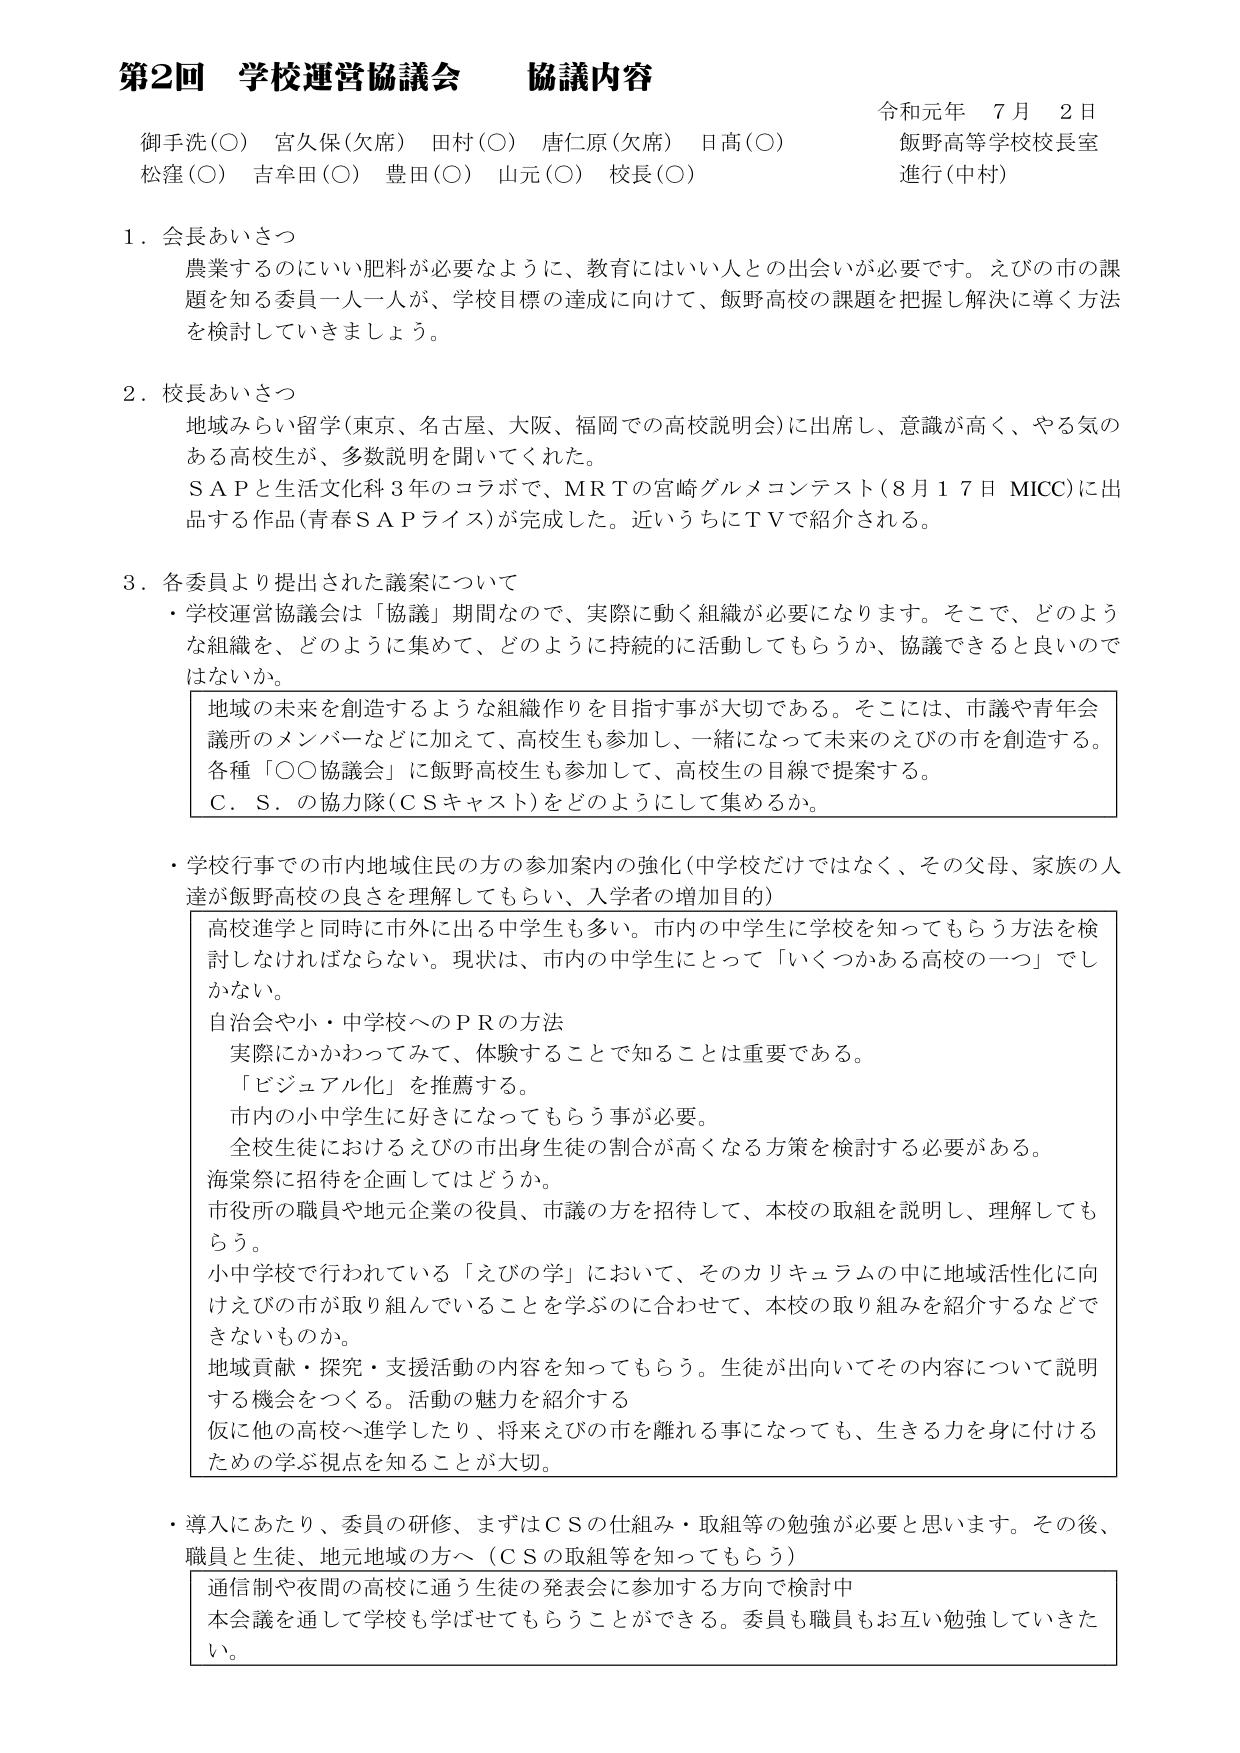 kyogikai_20190702-1-1